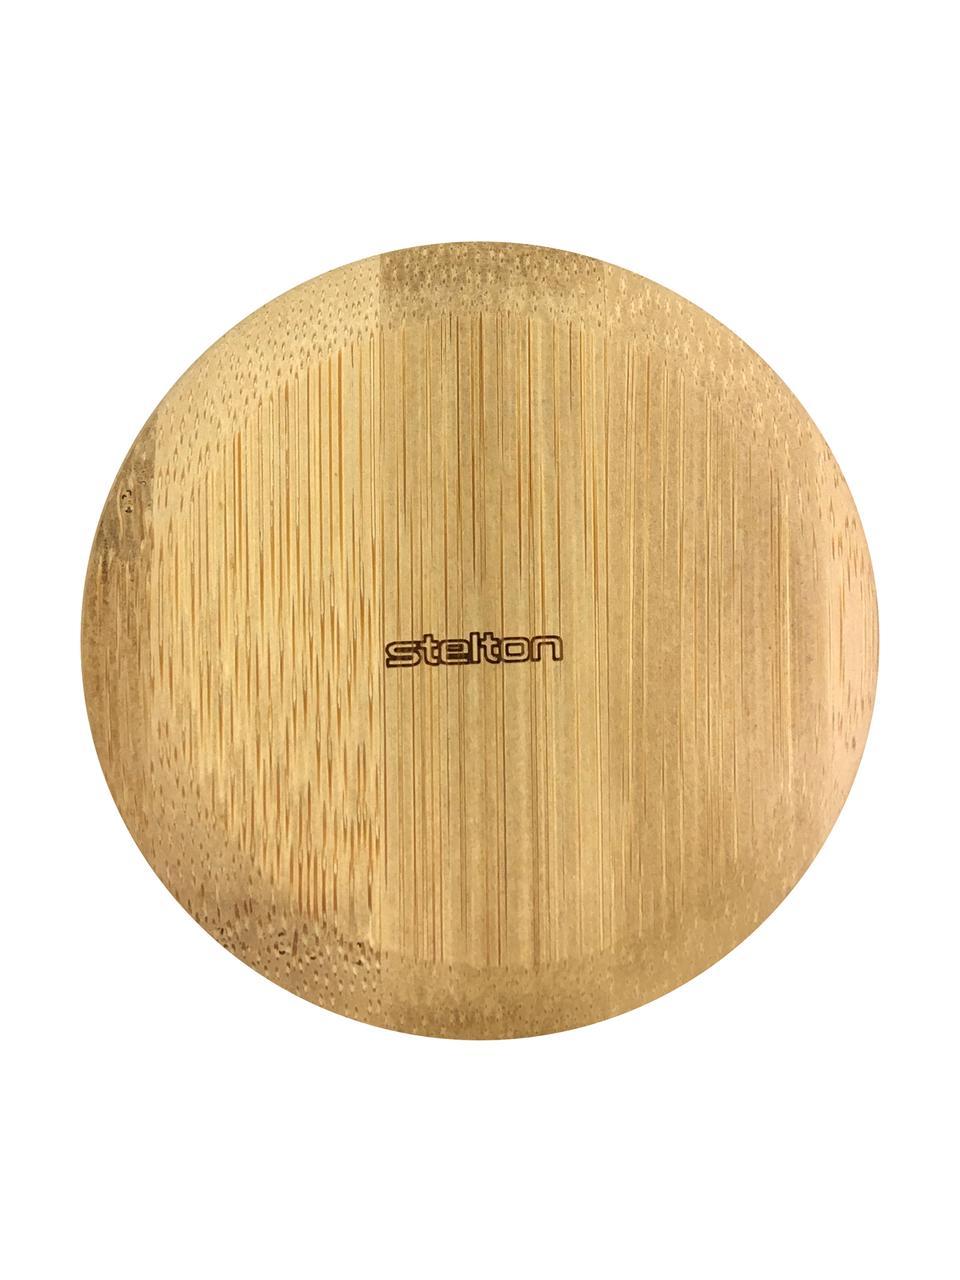 Becher Theo in Weiß mit Deckel/Untersetzer, Becher: Feinsteinzeug, Deckel: Bambus, Gebrochenes Weiß, Bambus, Ø 8 x H 8 cm